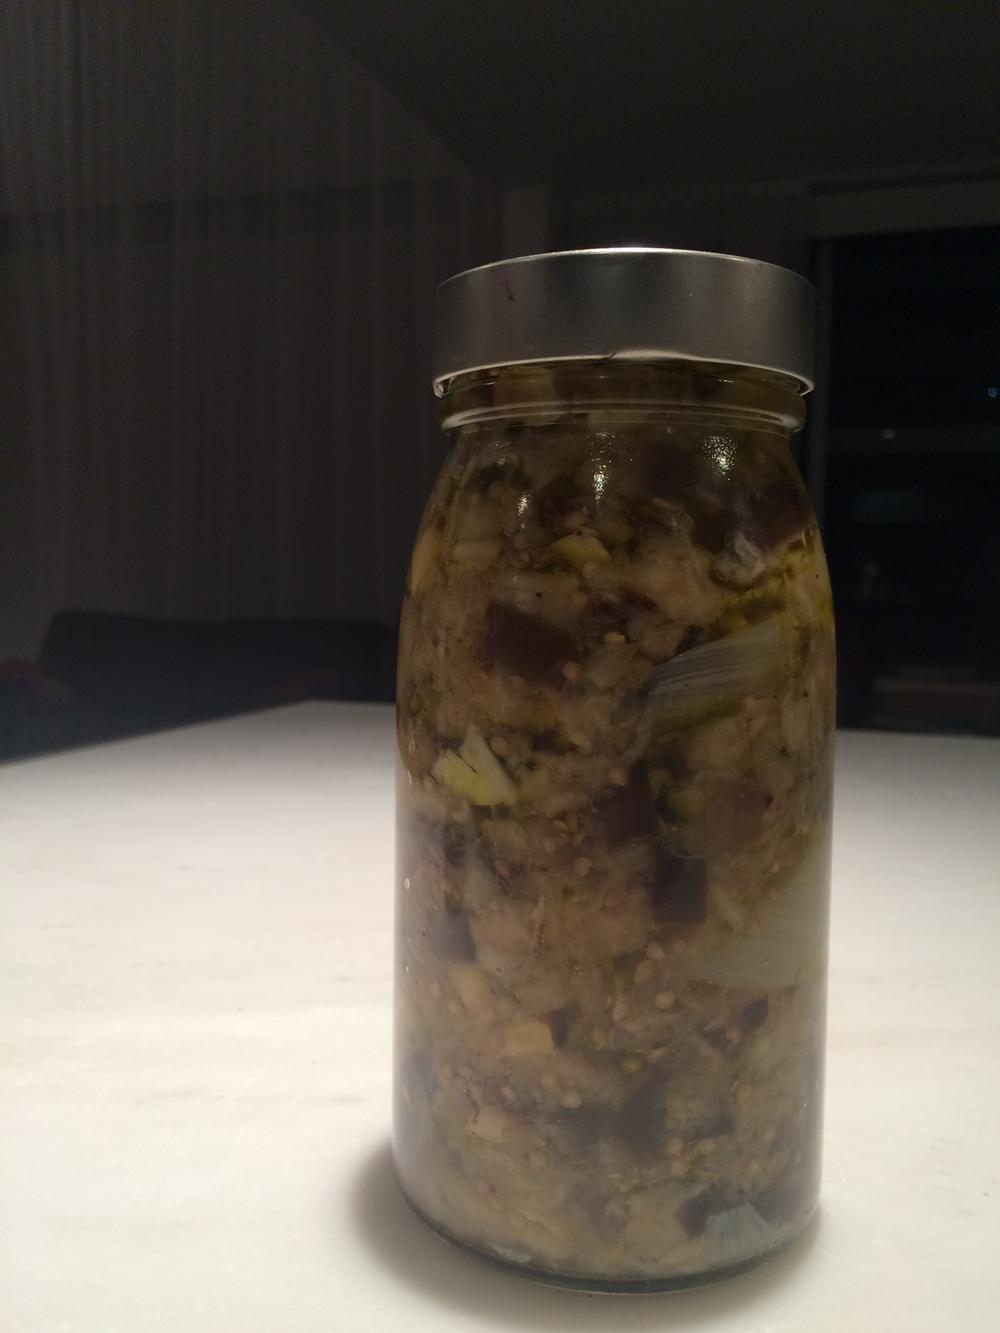 Esta é a aparência do antepasto quando ingredientes são misturados todos juntos num  bowl  antes de irem para o vidro.